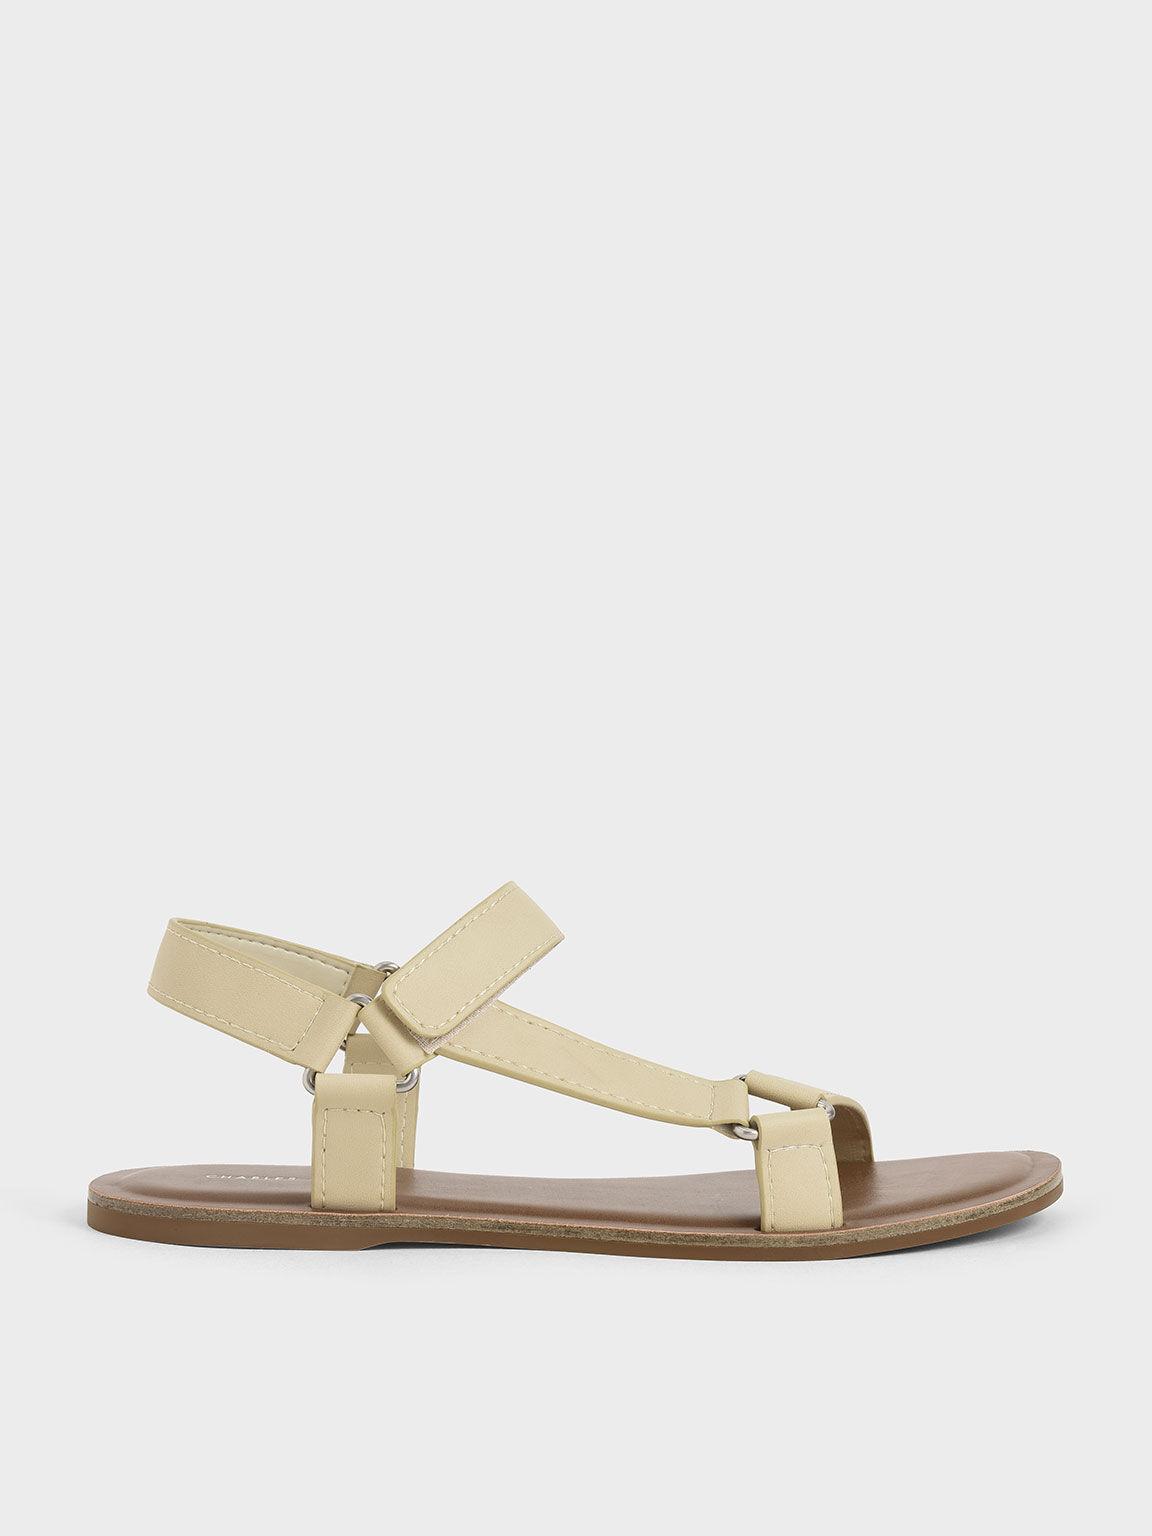 Asymmetric Strap Sandals, Sand, hi-res